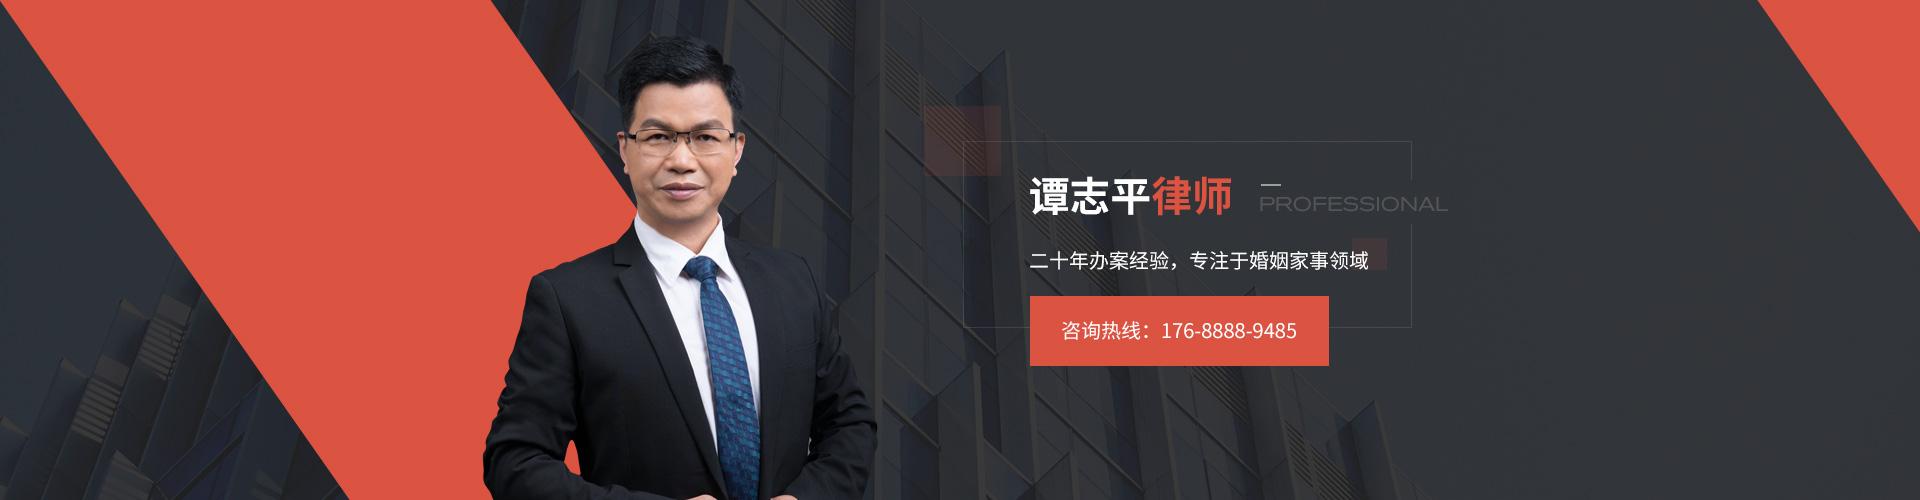 广州谭志平律师